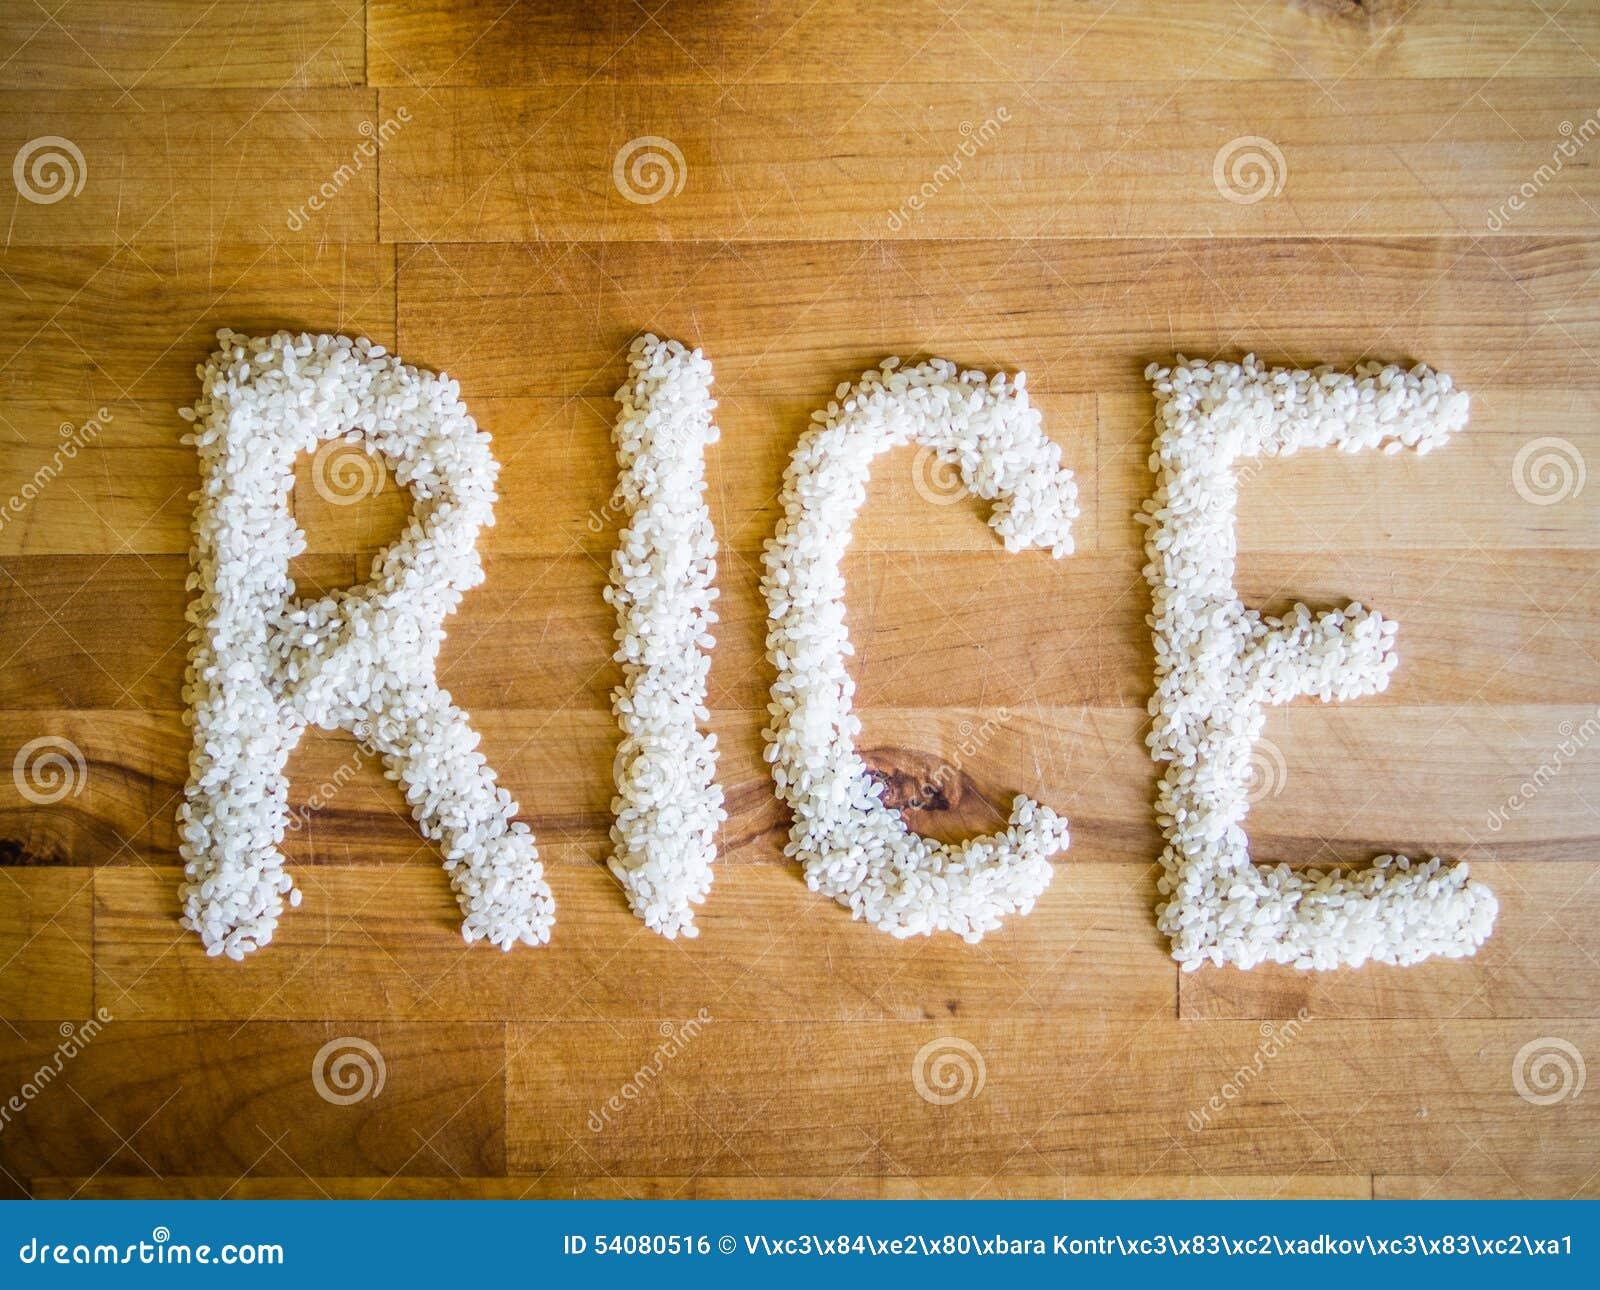 Rijstwoord van rijst wordt gemaakt die